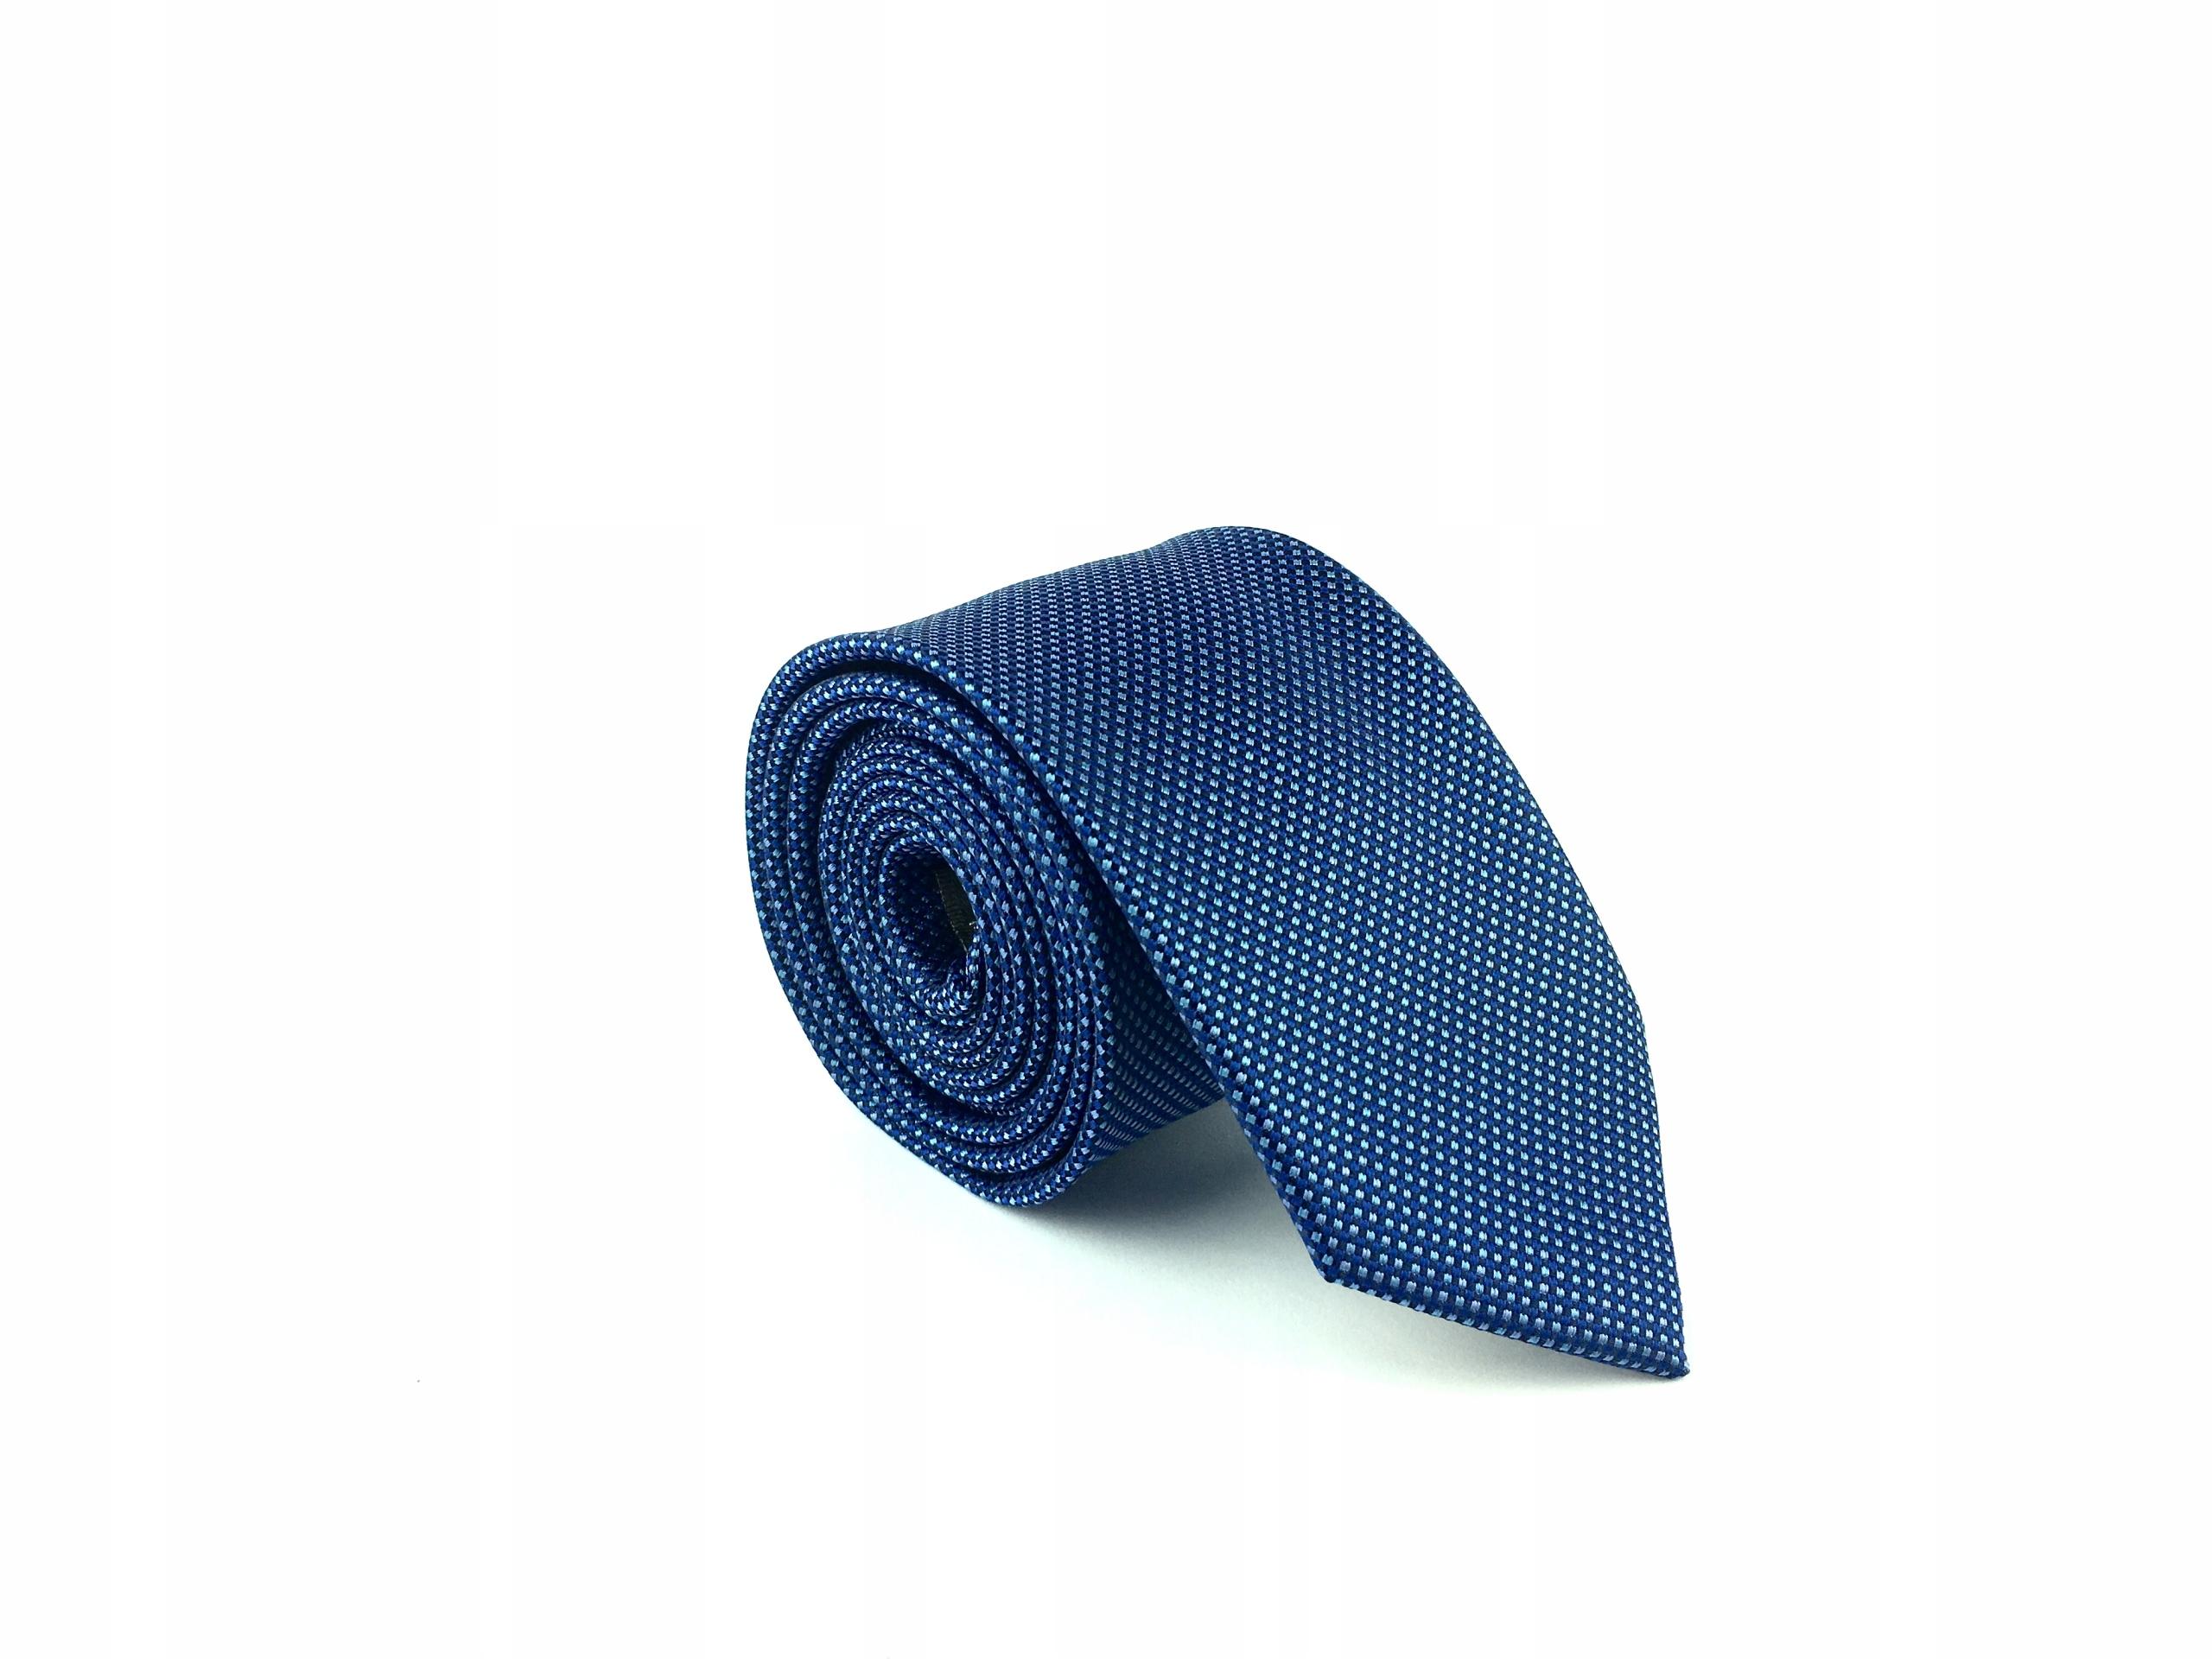 Żakardowy Krawat Męski Granatowy 6cm MB108